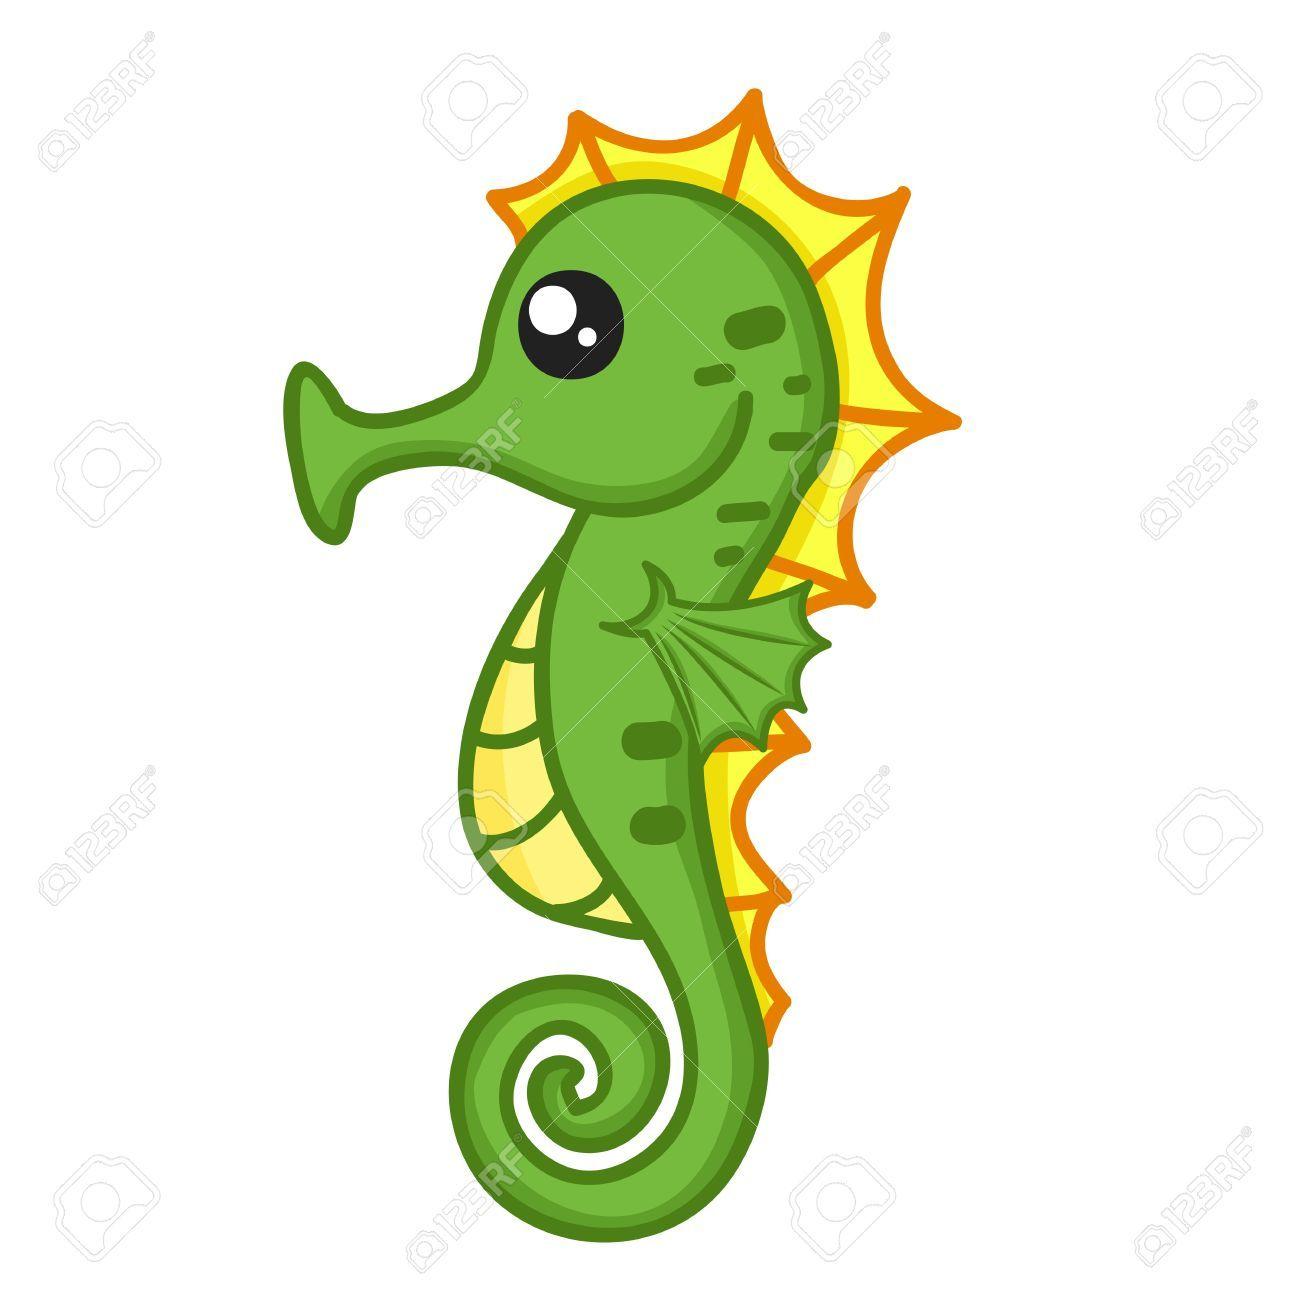 Cute Seahorse Clipart #1.